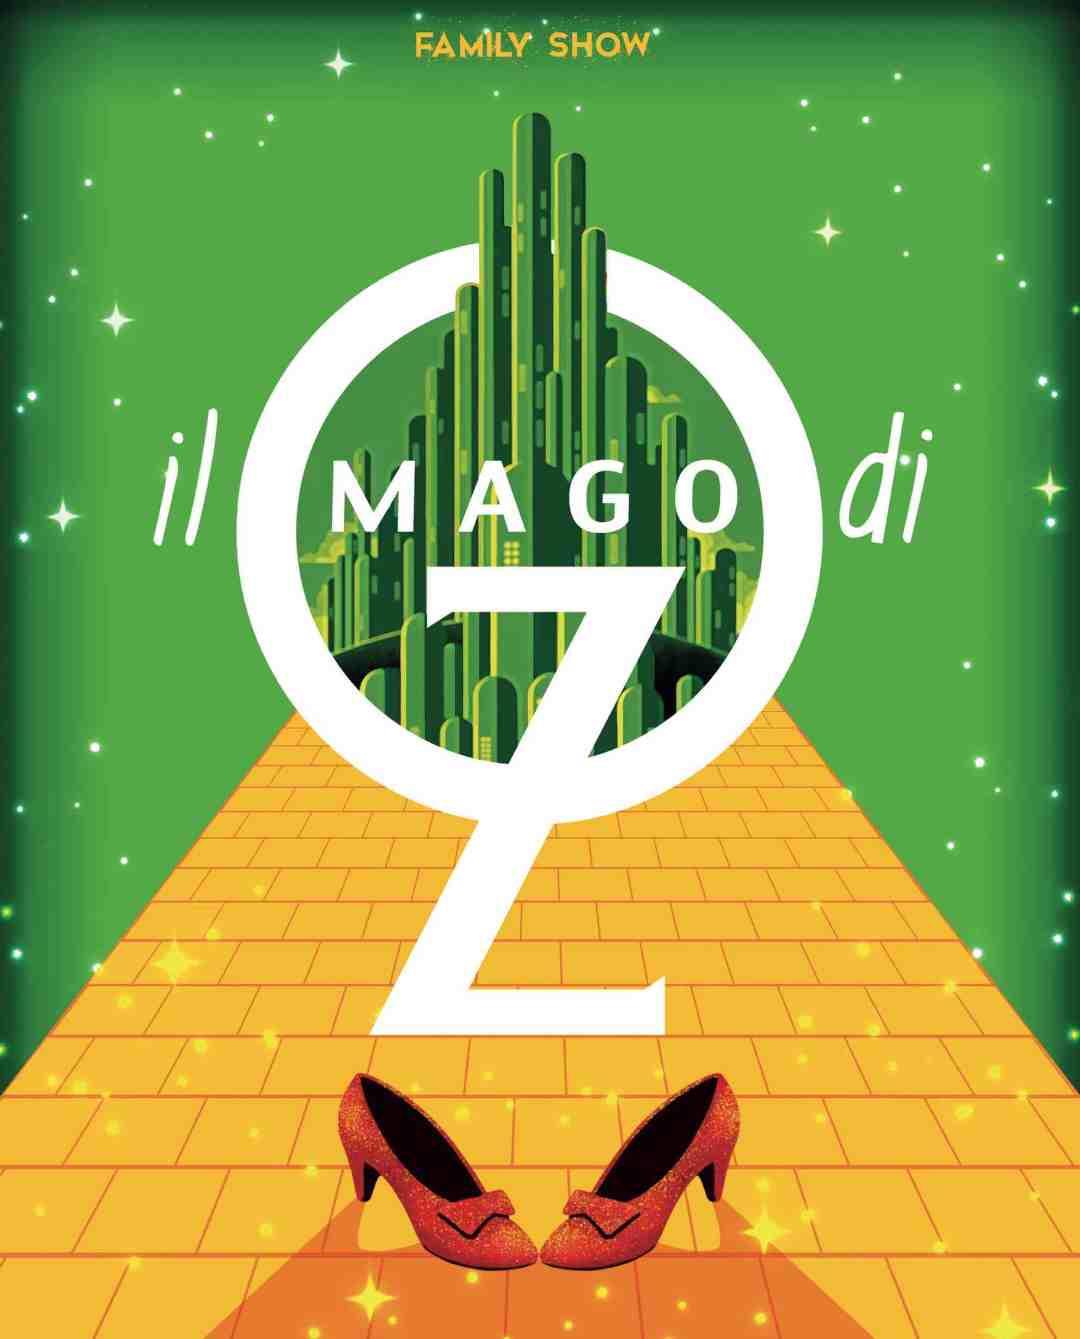 GG teatro manzoni family a marzo1